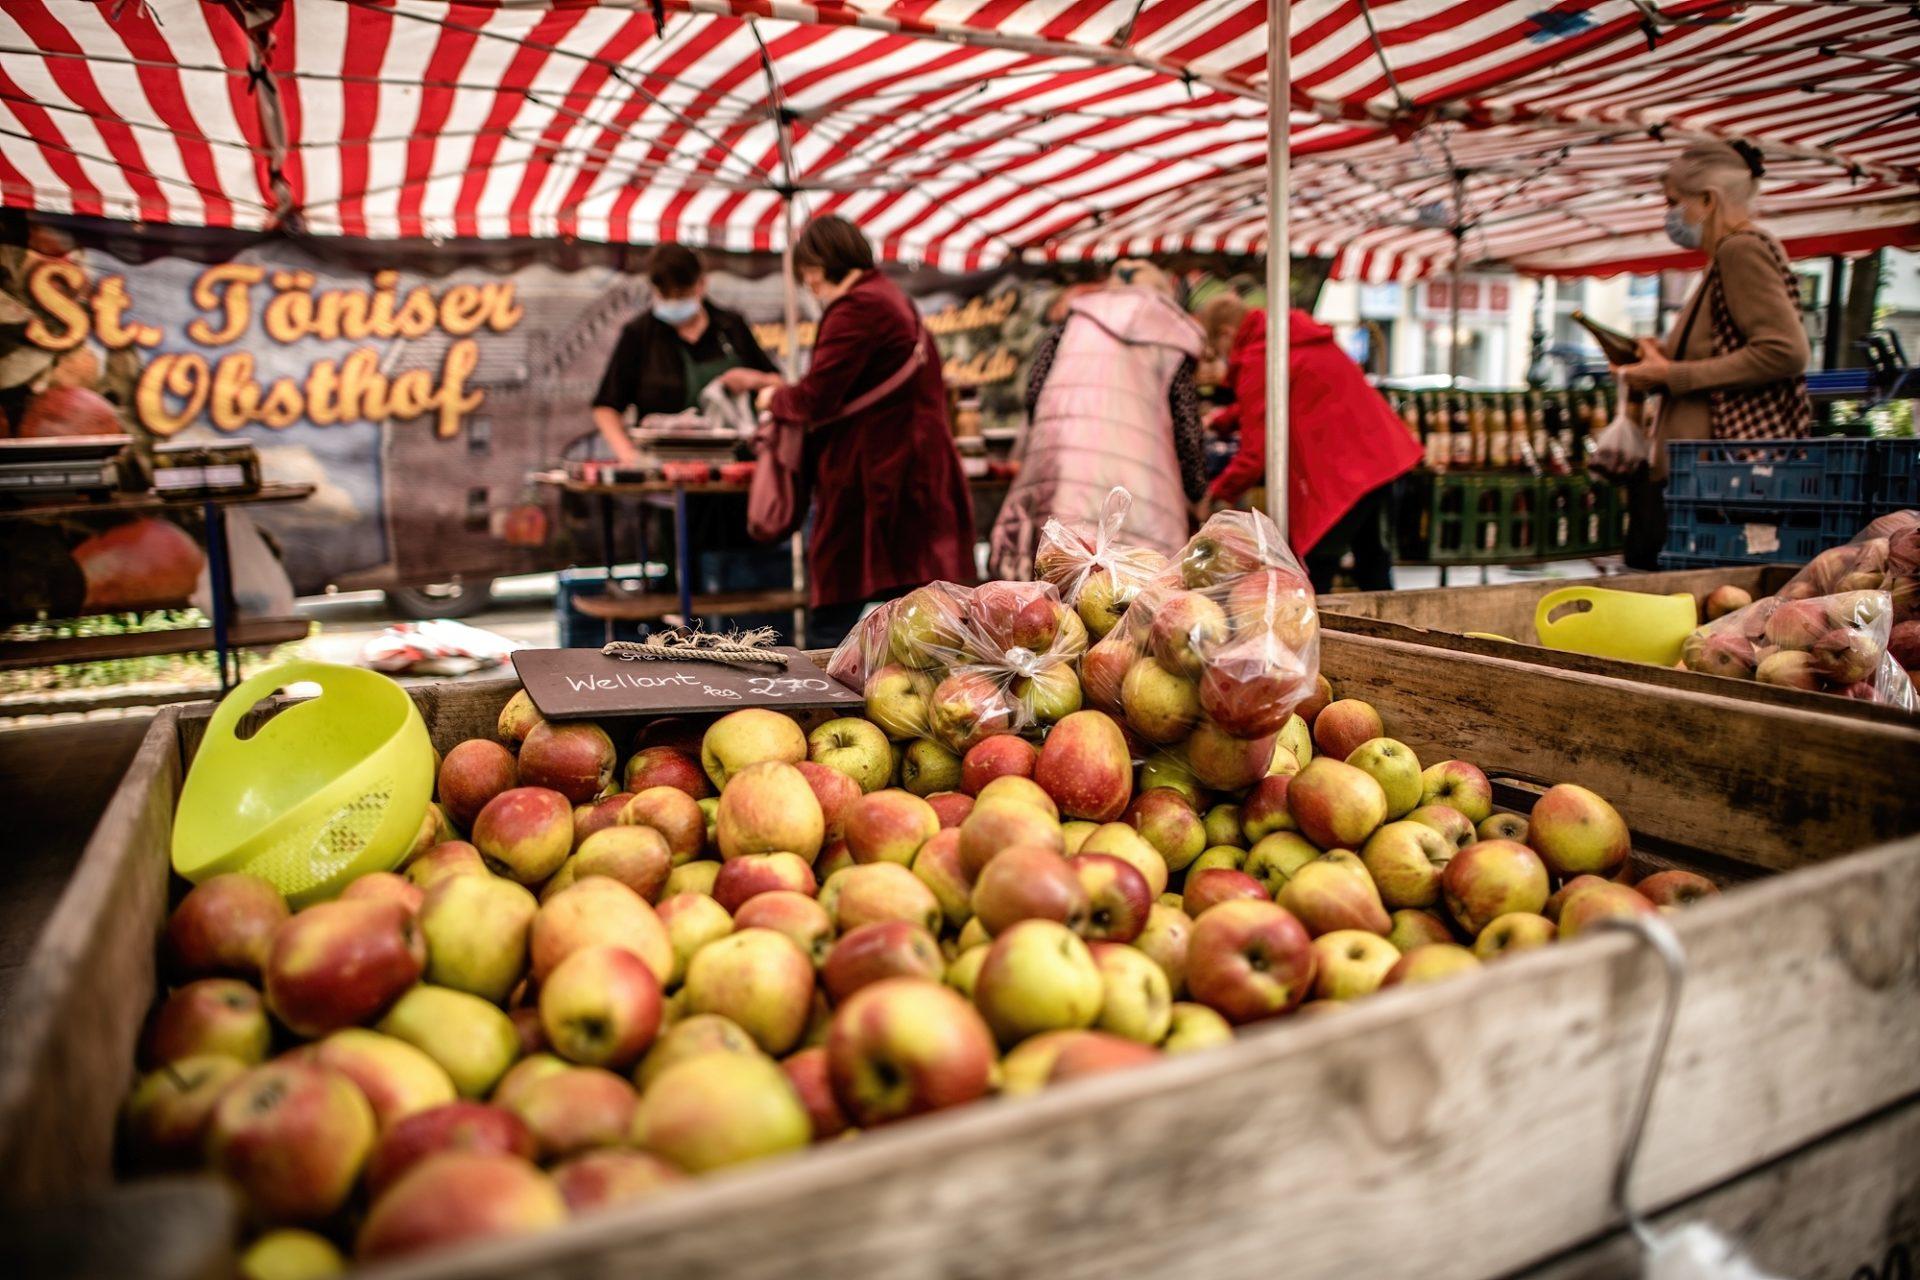 Typisch für einen Bauernmarkt: Die Äpfel sind nicht in Plastik eingeschweißt und genormt, sondern sie locken mit ihrer vollen, natürlichen Pracht. In der Stadt liebt man diese Märkte mit Produkten ausschließlich aus der Region. Foto: Andreas Endermann